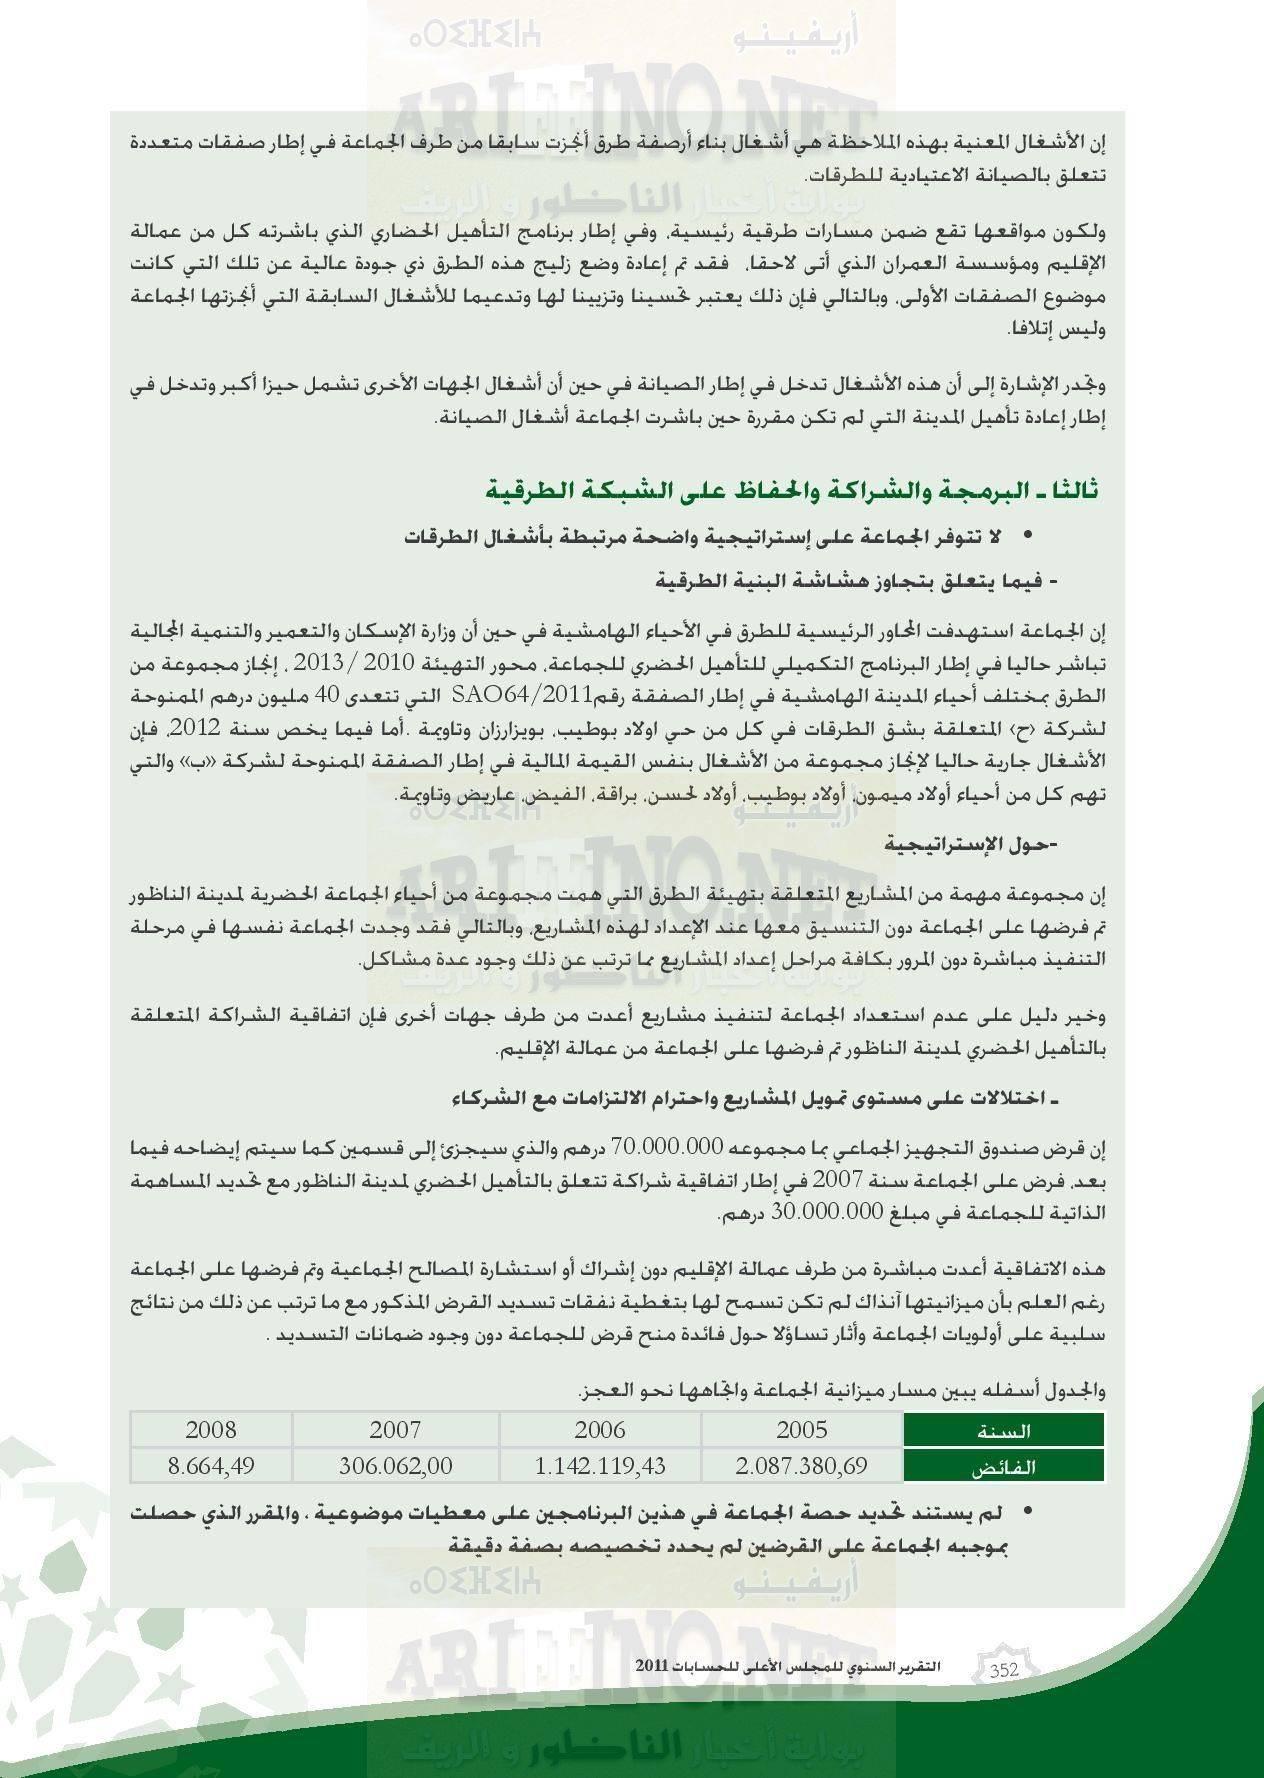 nador_0078 تقرير المجلس الاعلى للحسابات: بلدية الناظور تعيش إختلالات و عشوائية و عاجزة عن القيام بمهامها